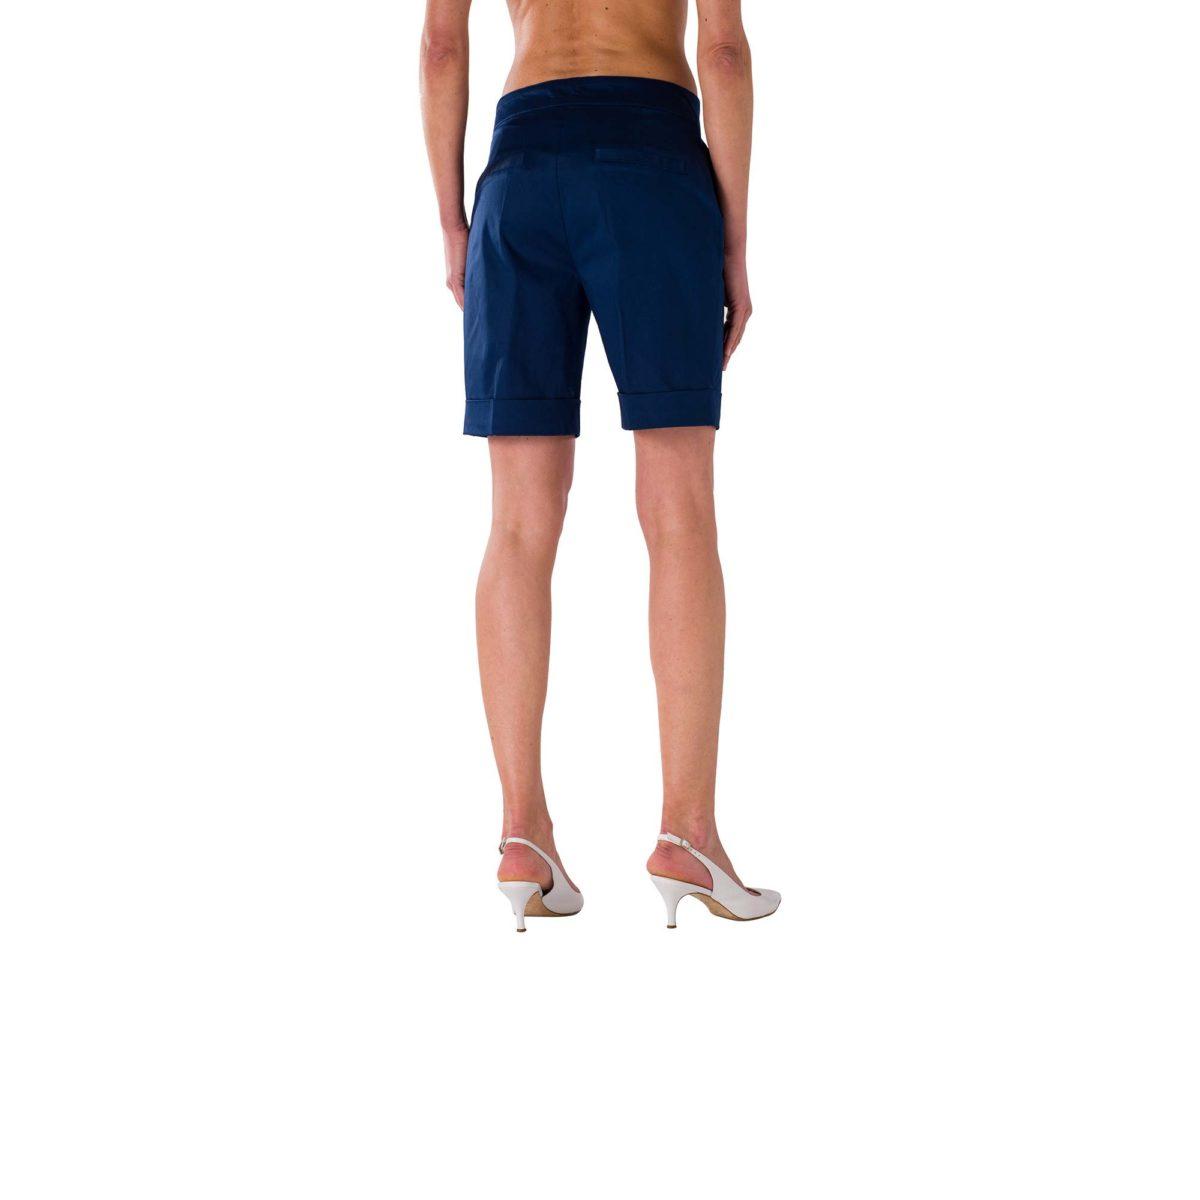 Shorts Bermuda Blu - Nicla